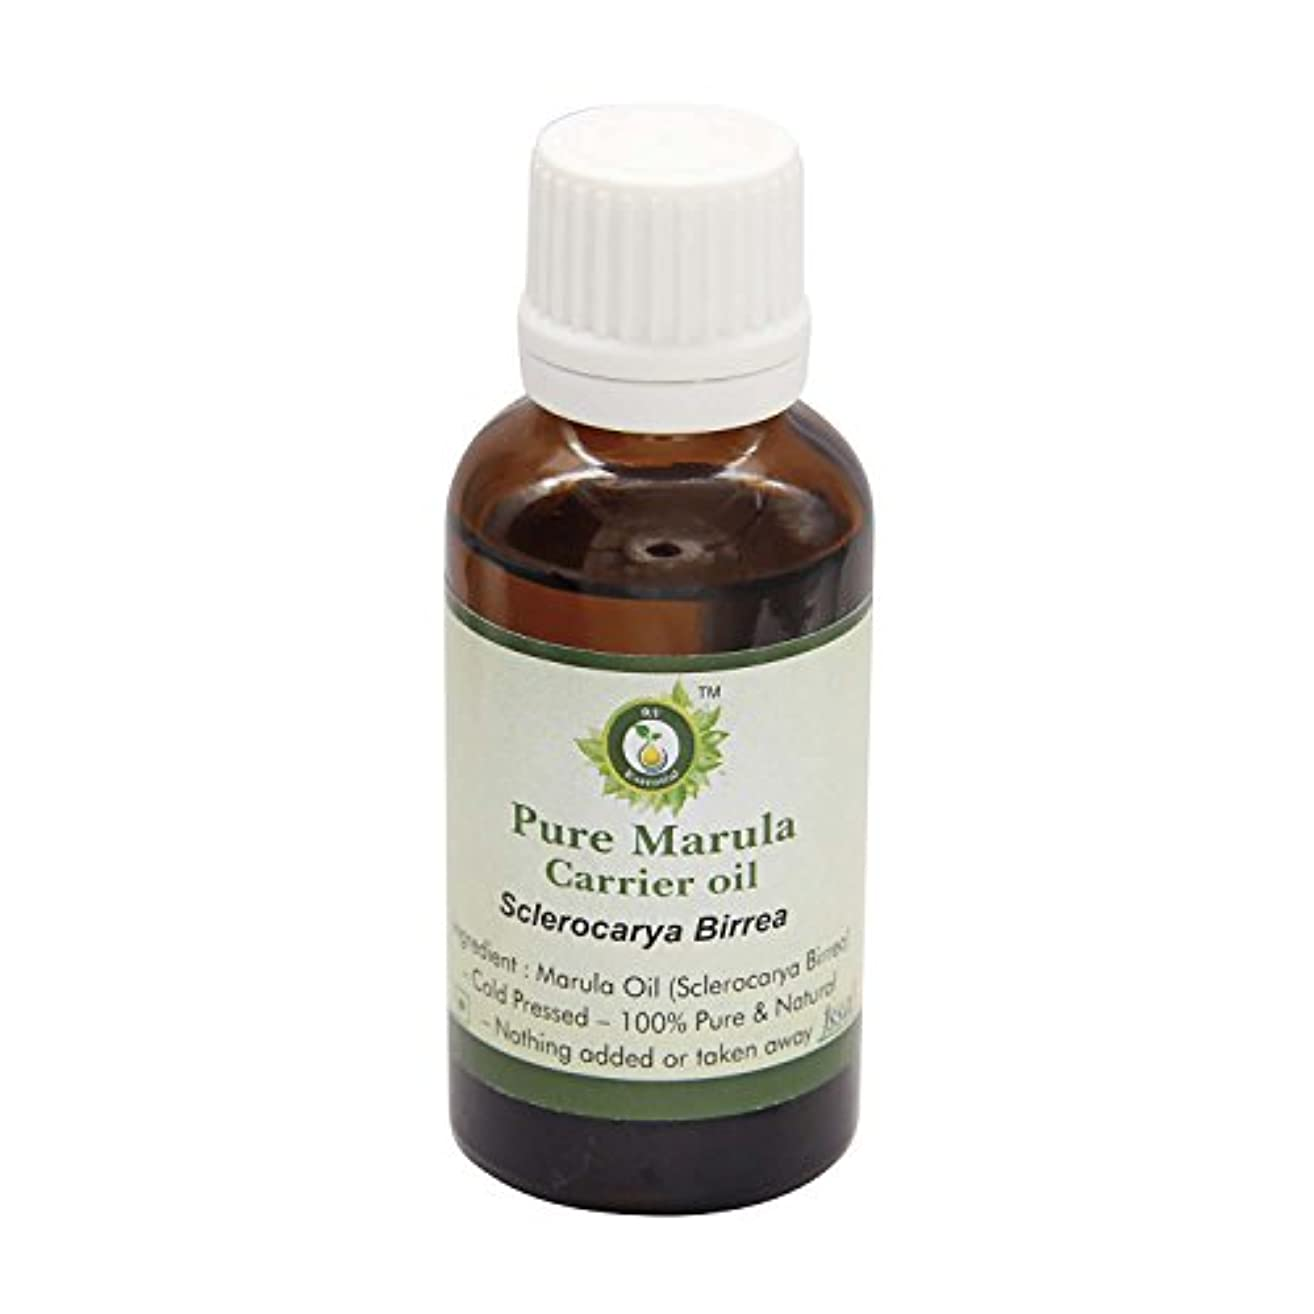 慣性挽く休眠R V Essential 純粋なMarulaキャリアオイル100ml (3.38oz)- Sclerocarya Birrea (100%ピュア&ナチュラルコールドPressed) Pure Marula Carrier Oil